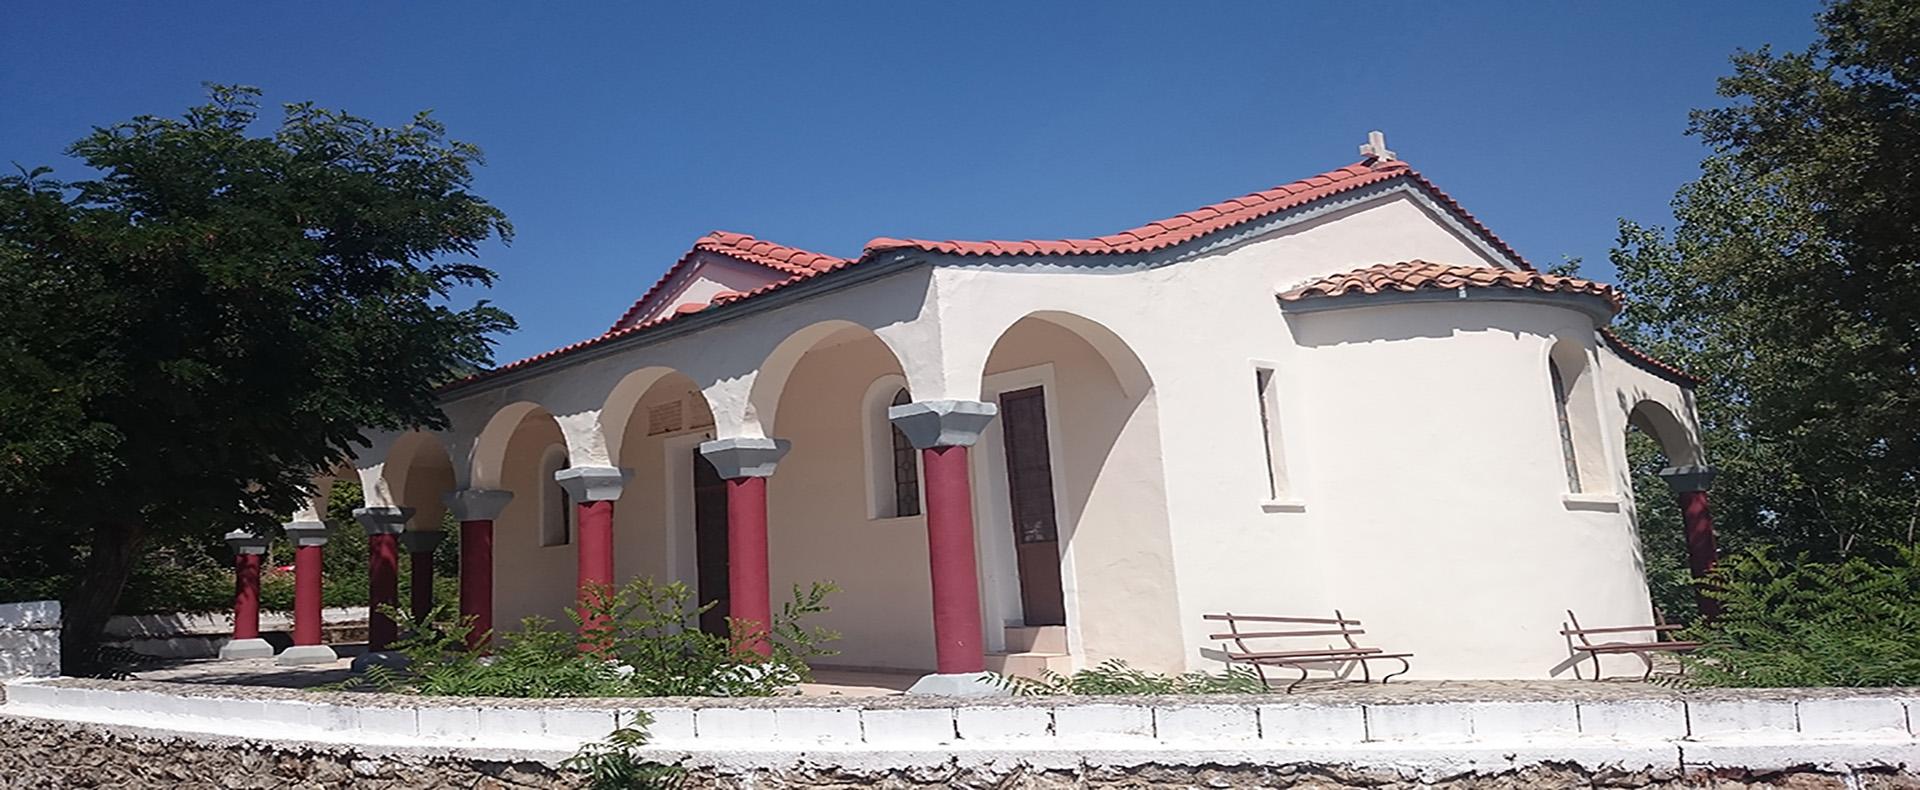 Η εκκλησία των Αγίων Αναργύρων στο Γεωργίτσι Λακωνίας